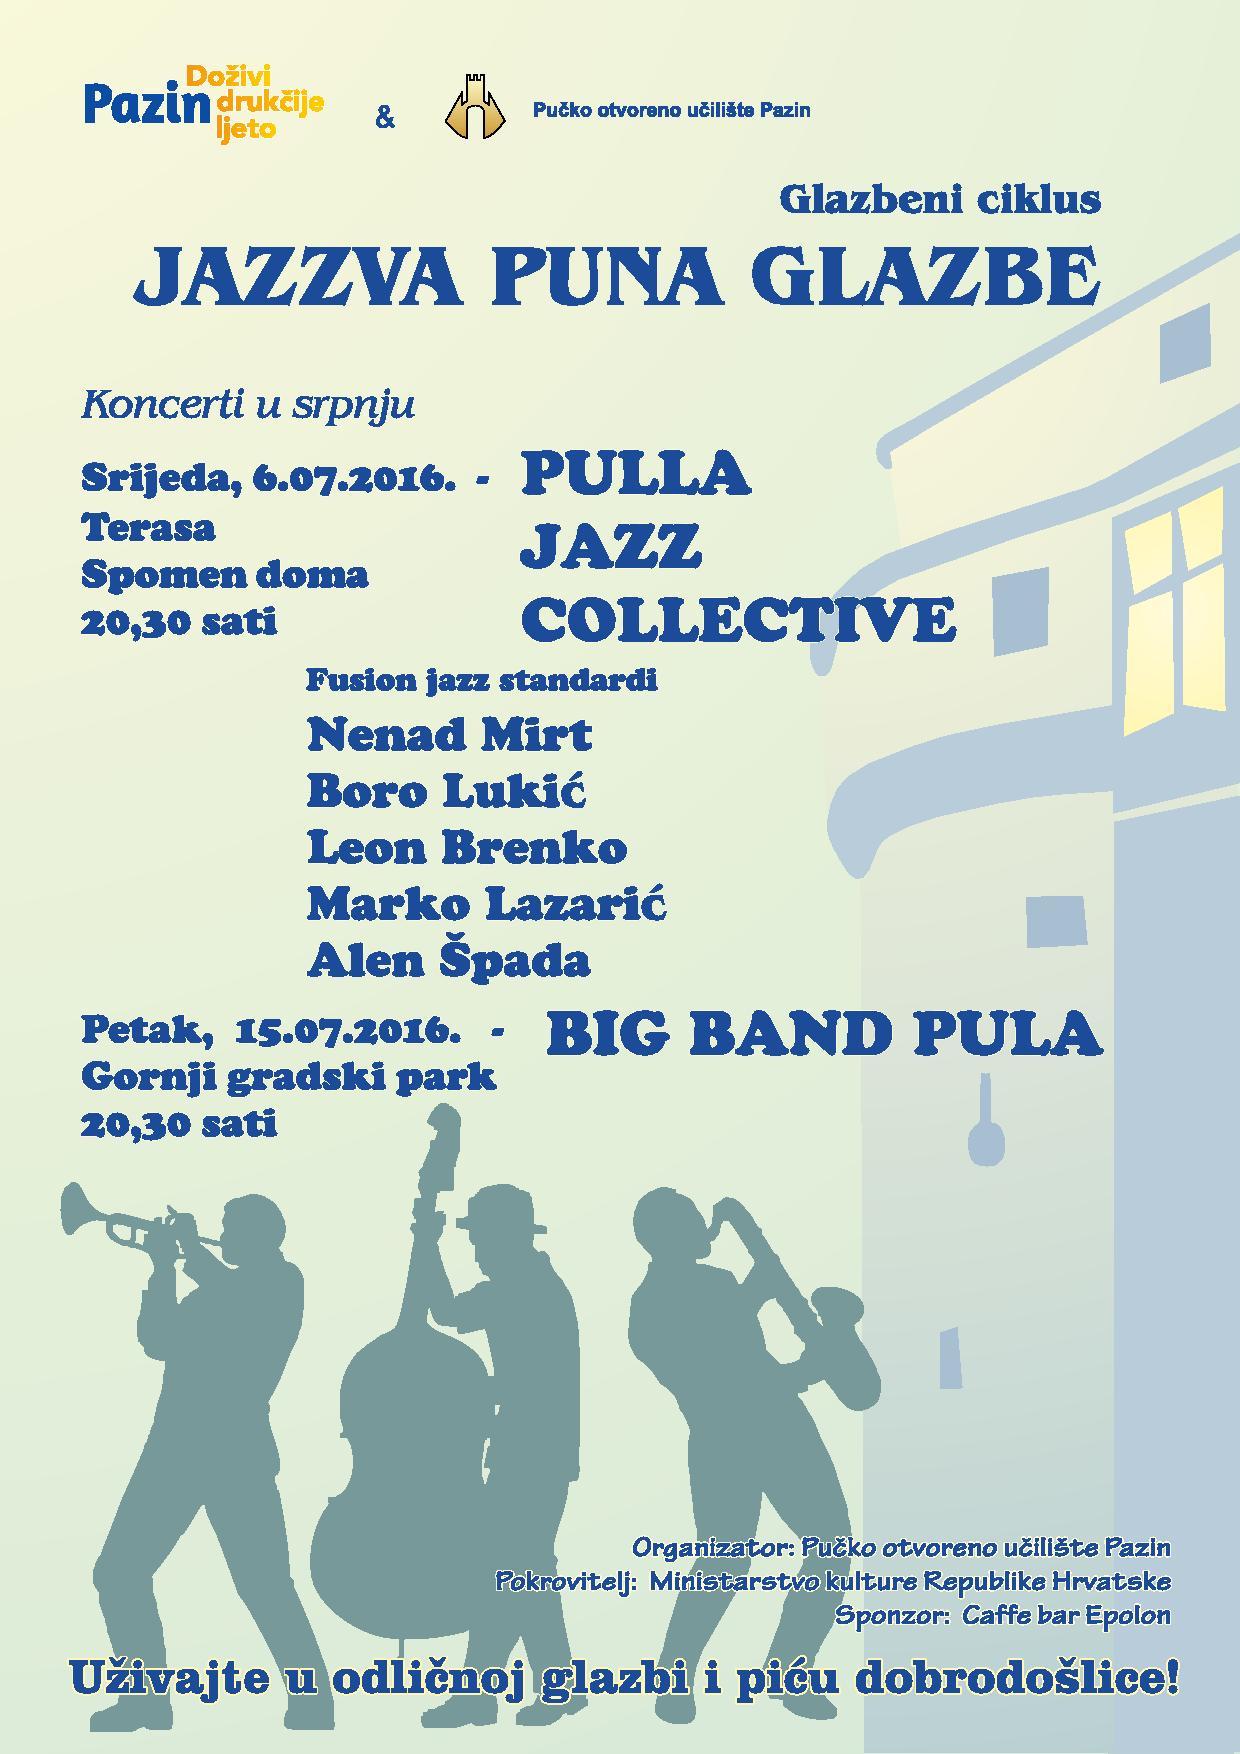 Pula Jazz Collective otvara glazbeni ciklus Jazzva puna glazbe